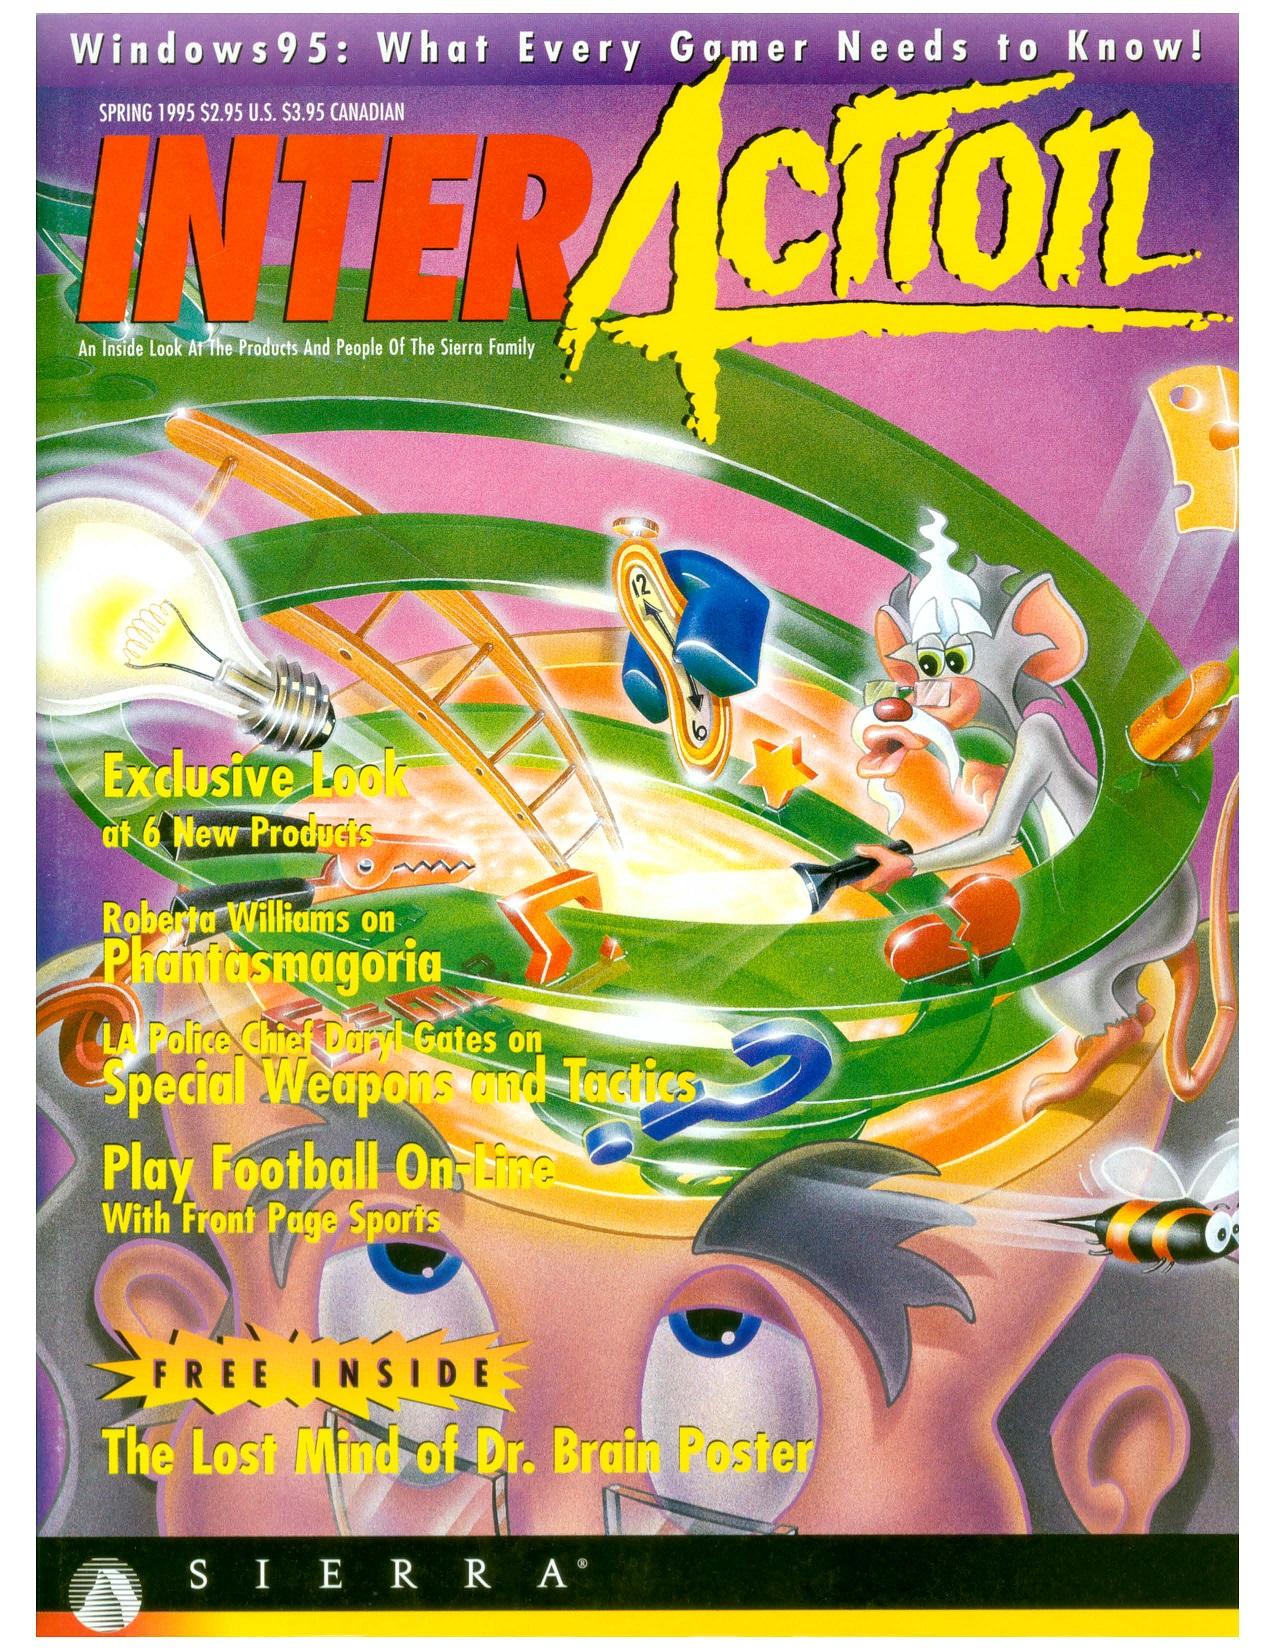 InterAction 1995 tavaszi száma. Több oldalas interjú és kulisszák mögötti adok-kapok a Phantasmagória közelgő megjelenése kapcsán.